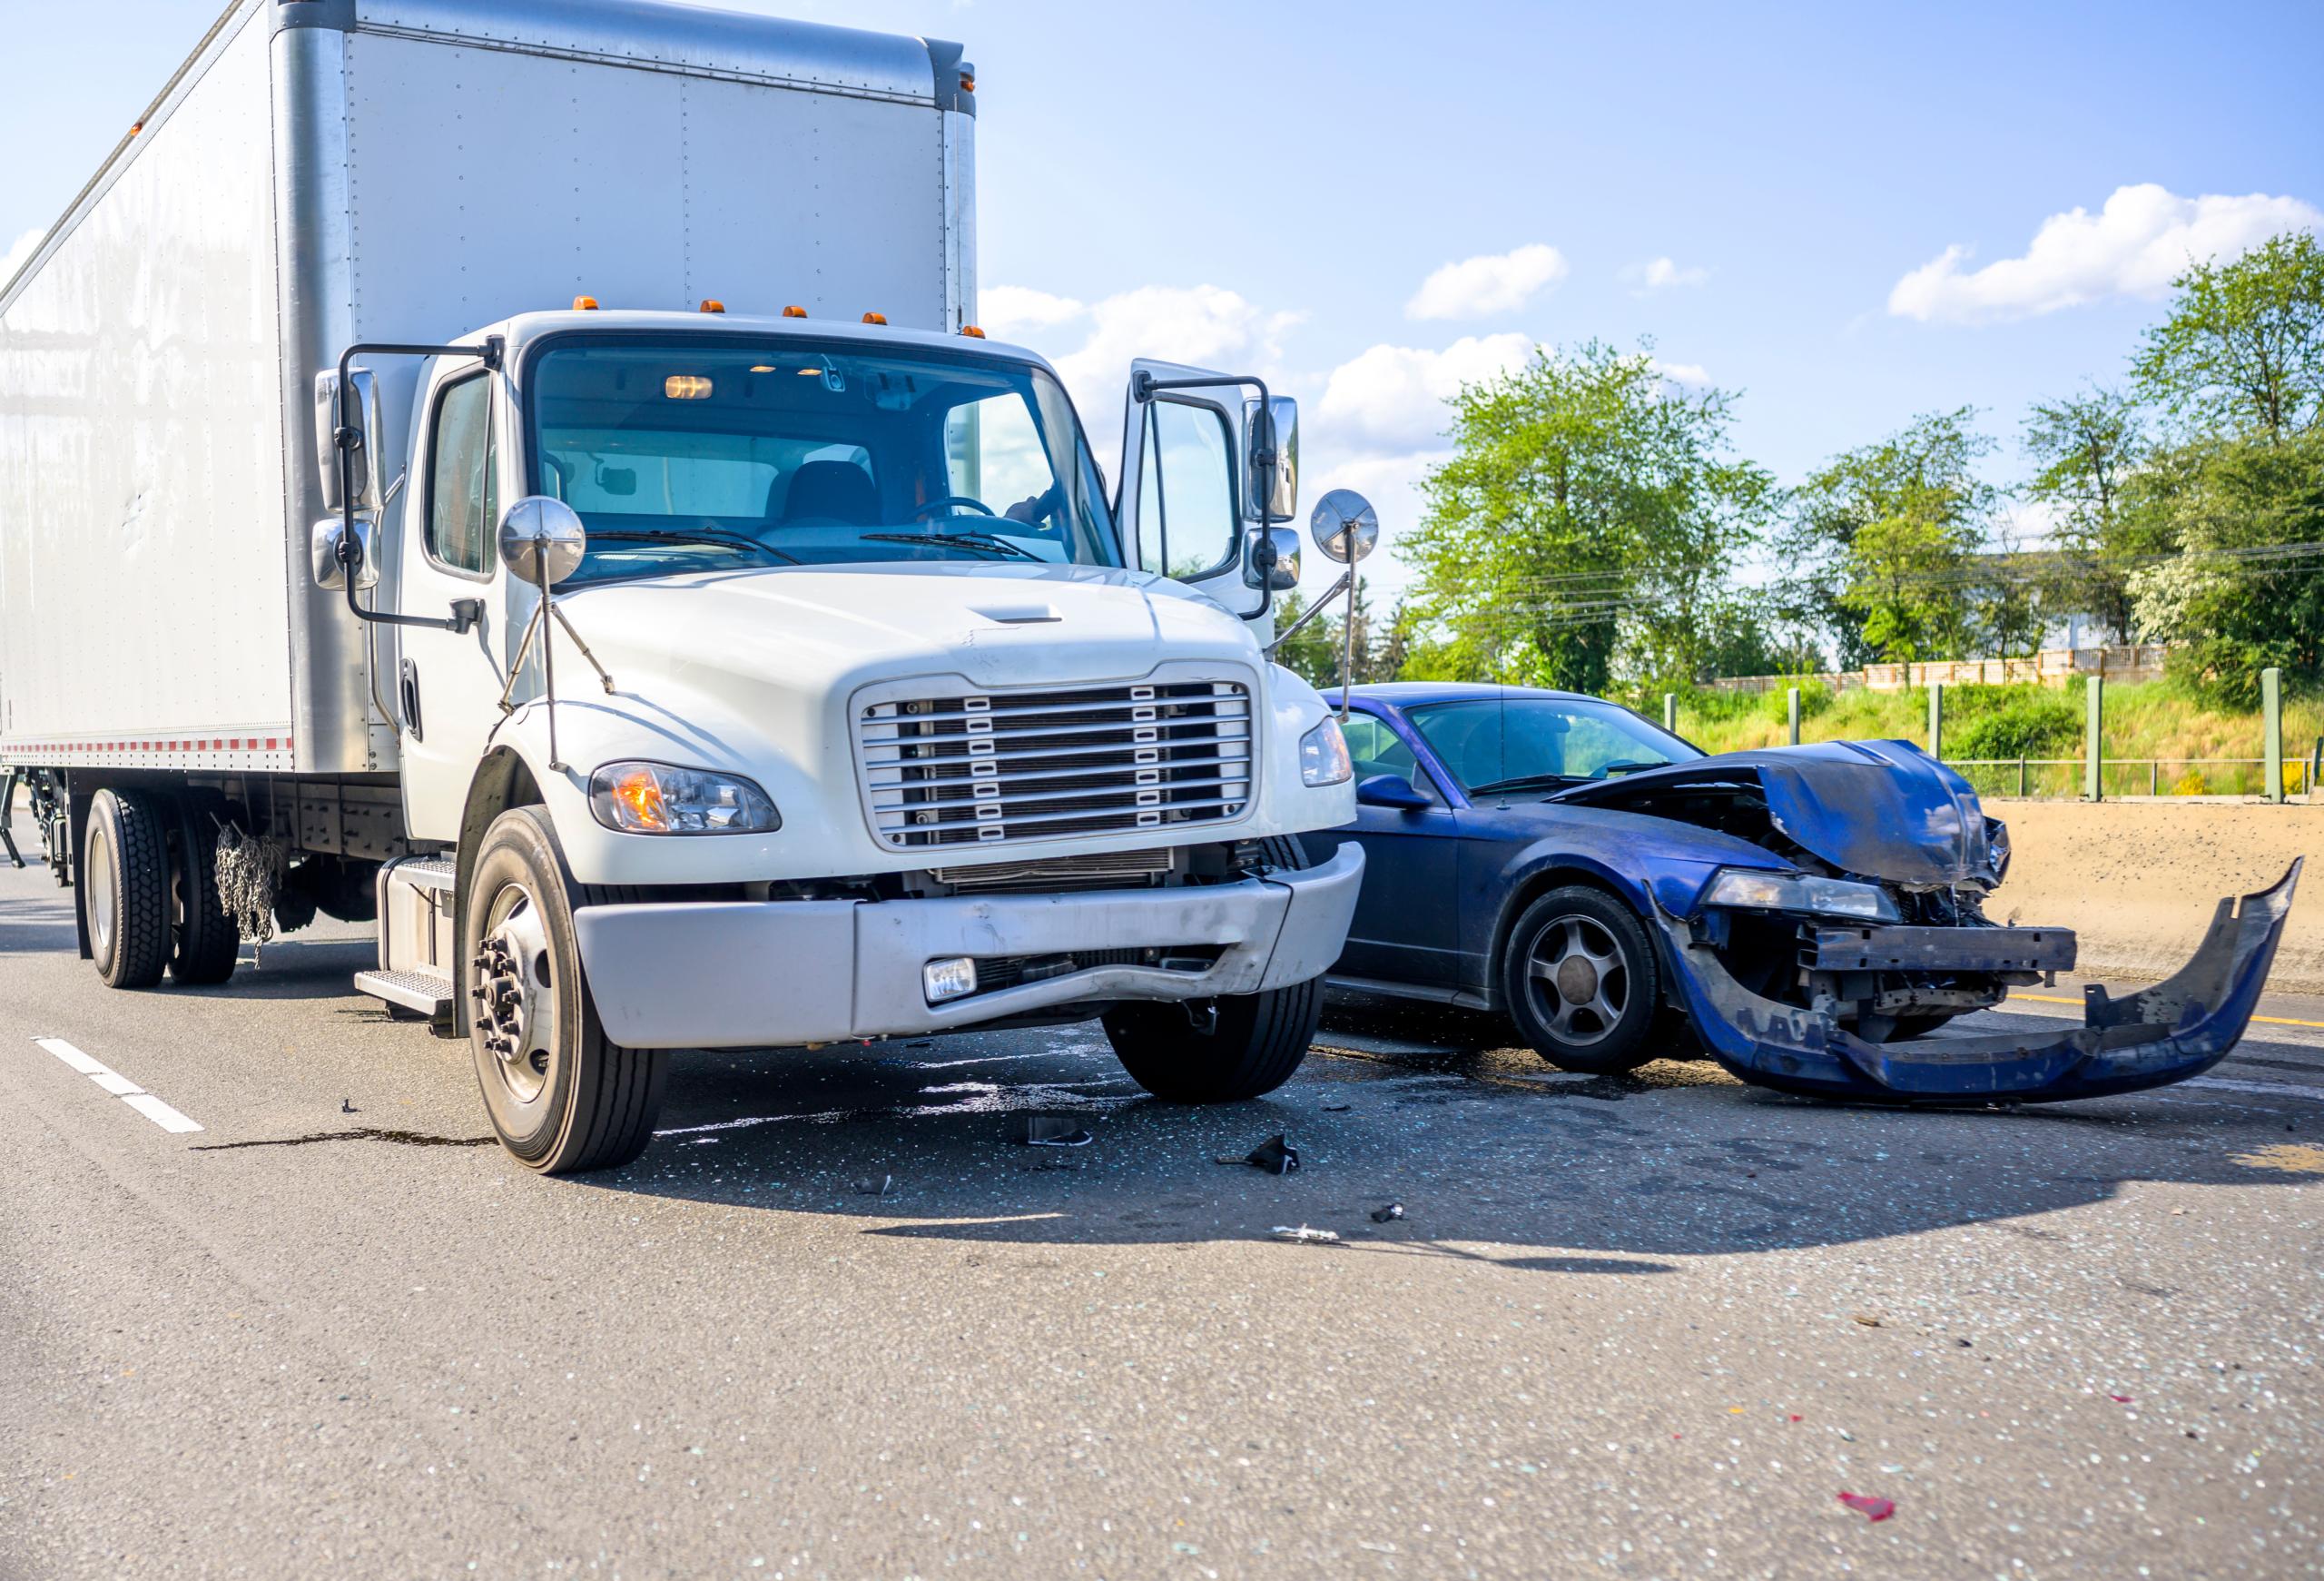 car accident attorney las vegas